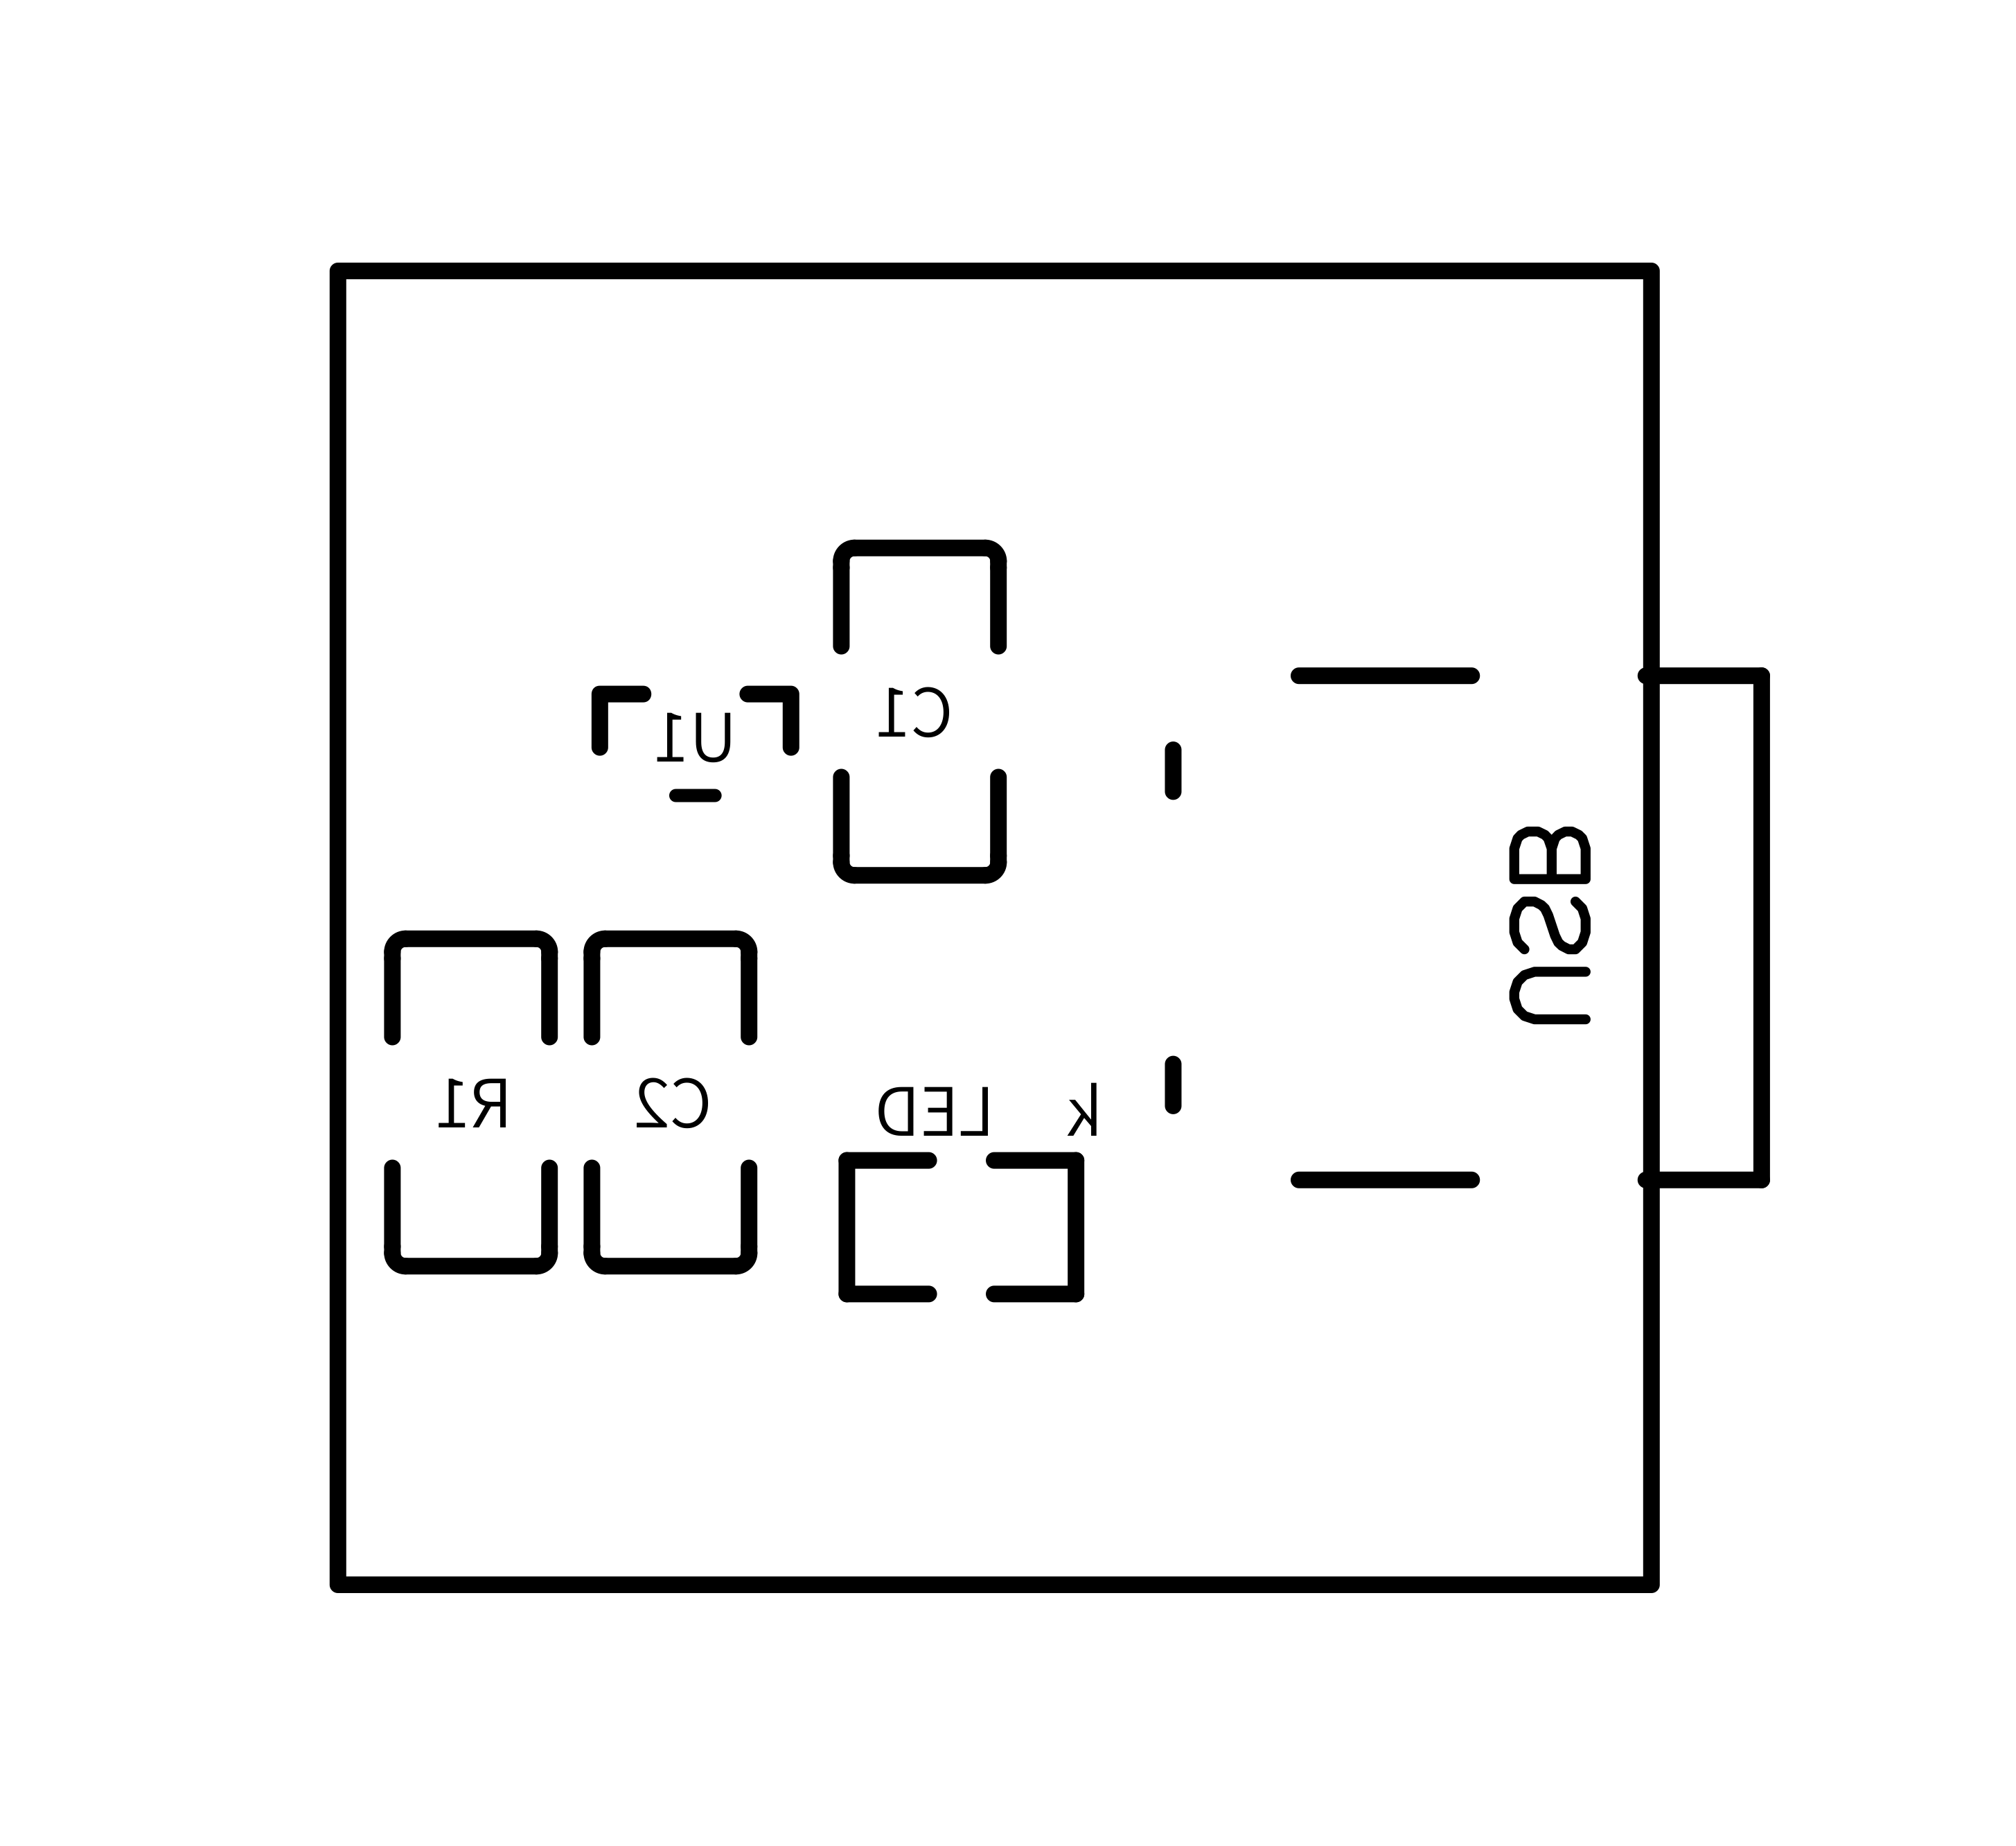 Pcb mini usb 2021 03 23 components tolhpg1mhq